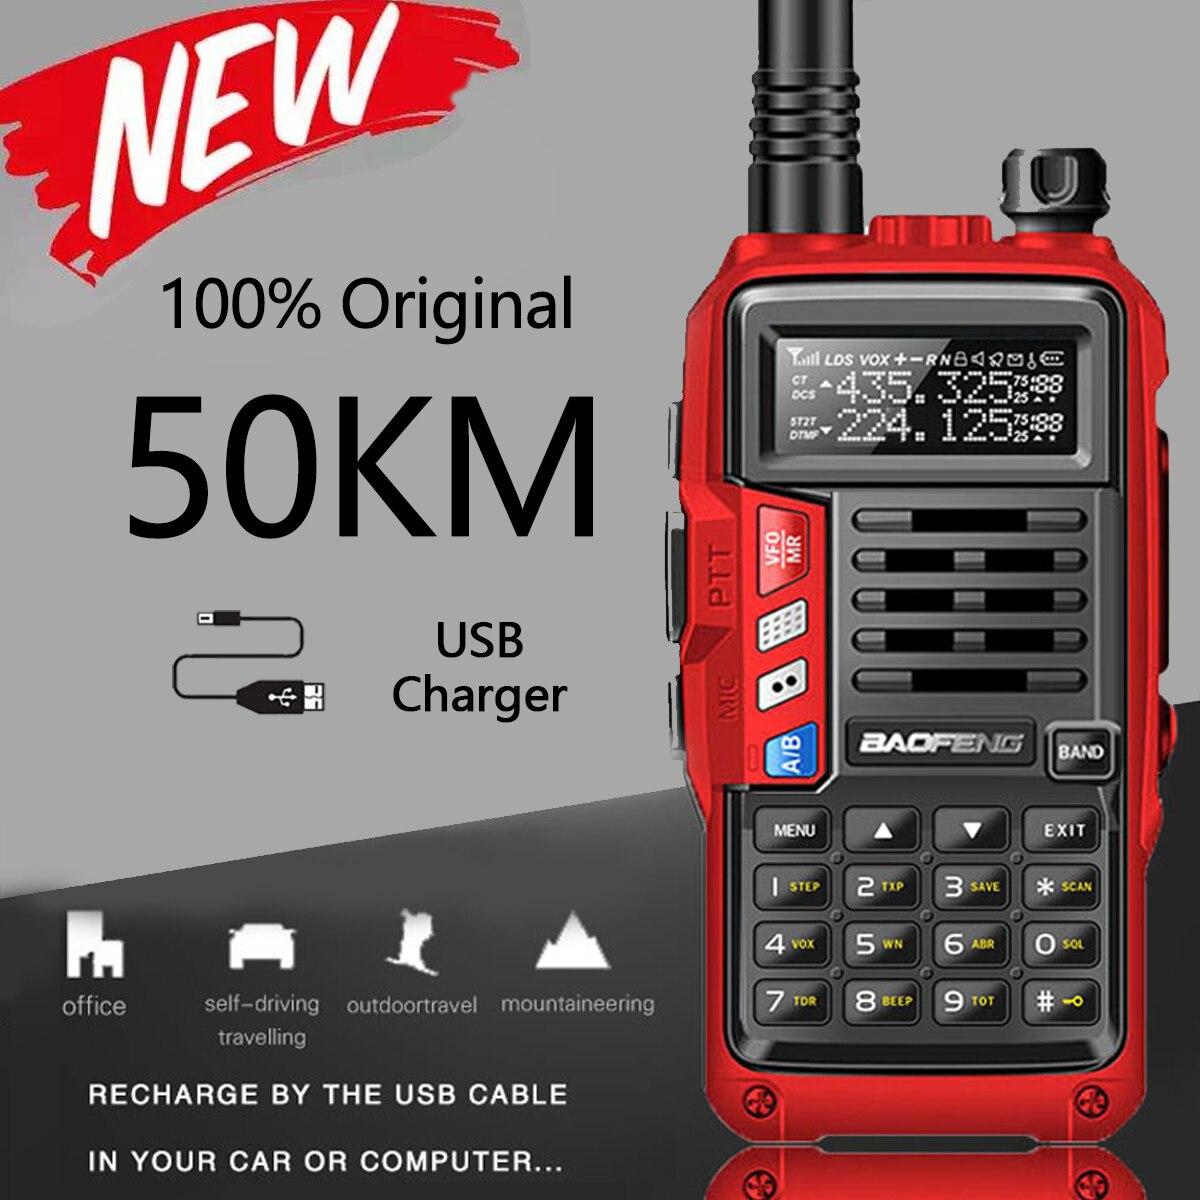 2021 BaoFeng UV-S9 плюс 10 Вт Портативный иди и болтай Walkie Talkie 50 км дальность Ham радио приемопередатчик вверх baofeng uv-5r двухстороннее радио